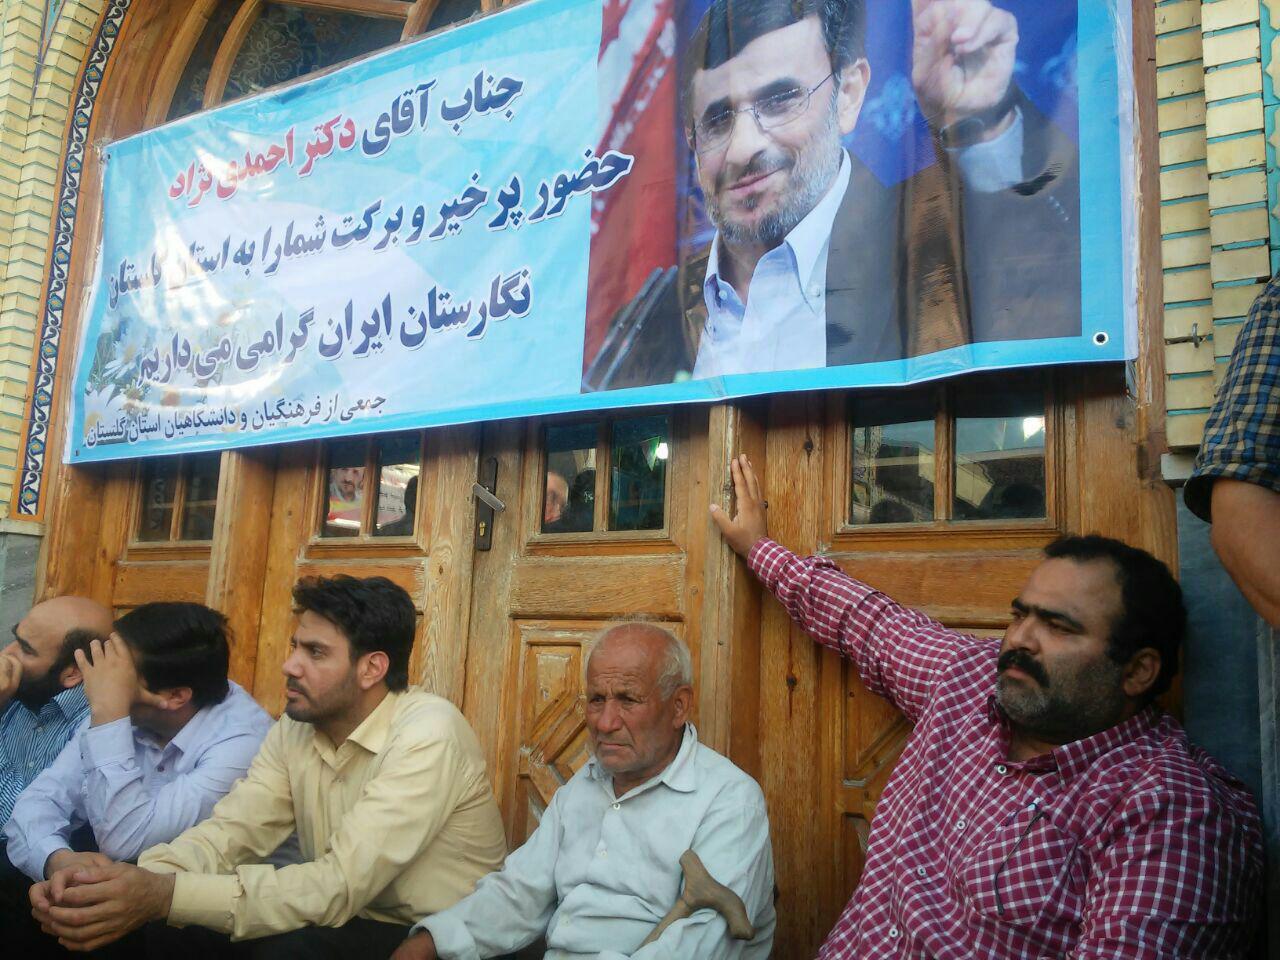 سفر احمدی نژاد به گرگان، تنها 2 هفته بعد از نهی رهبری/ ماجرای مشایی تکرار شد! +تصاویر